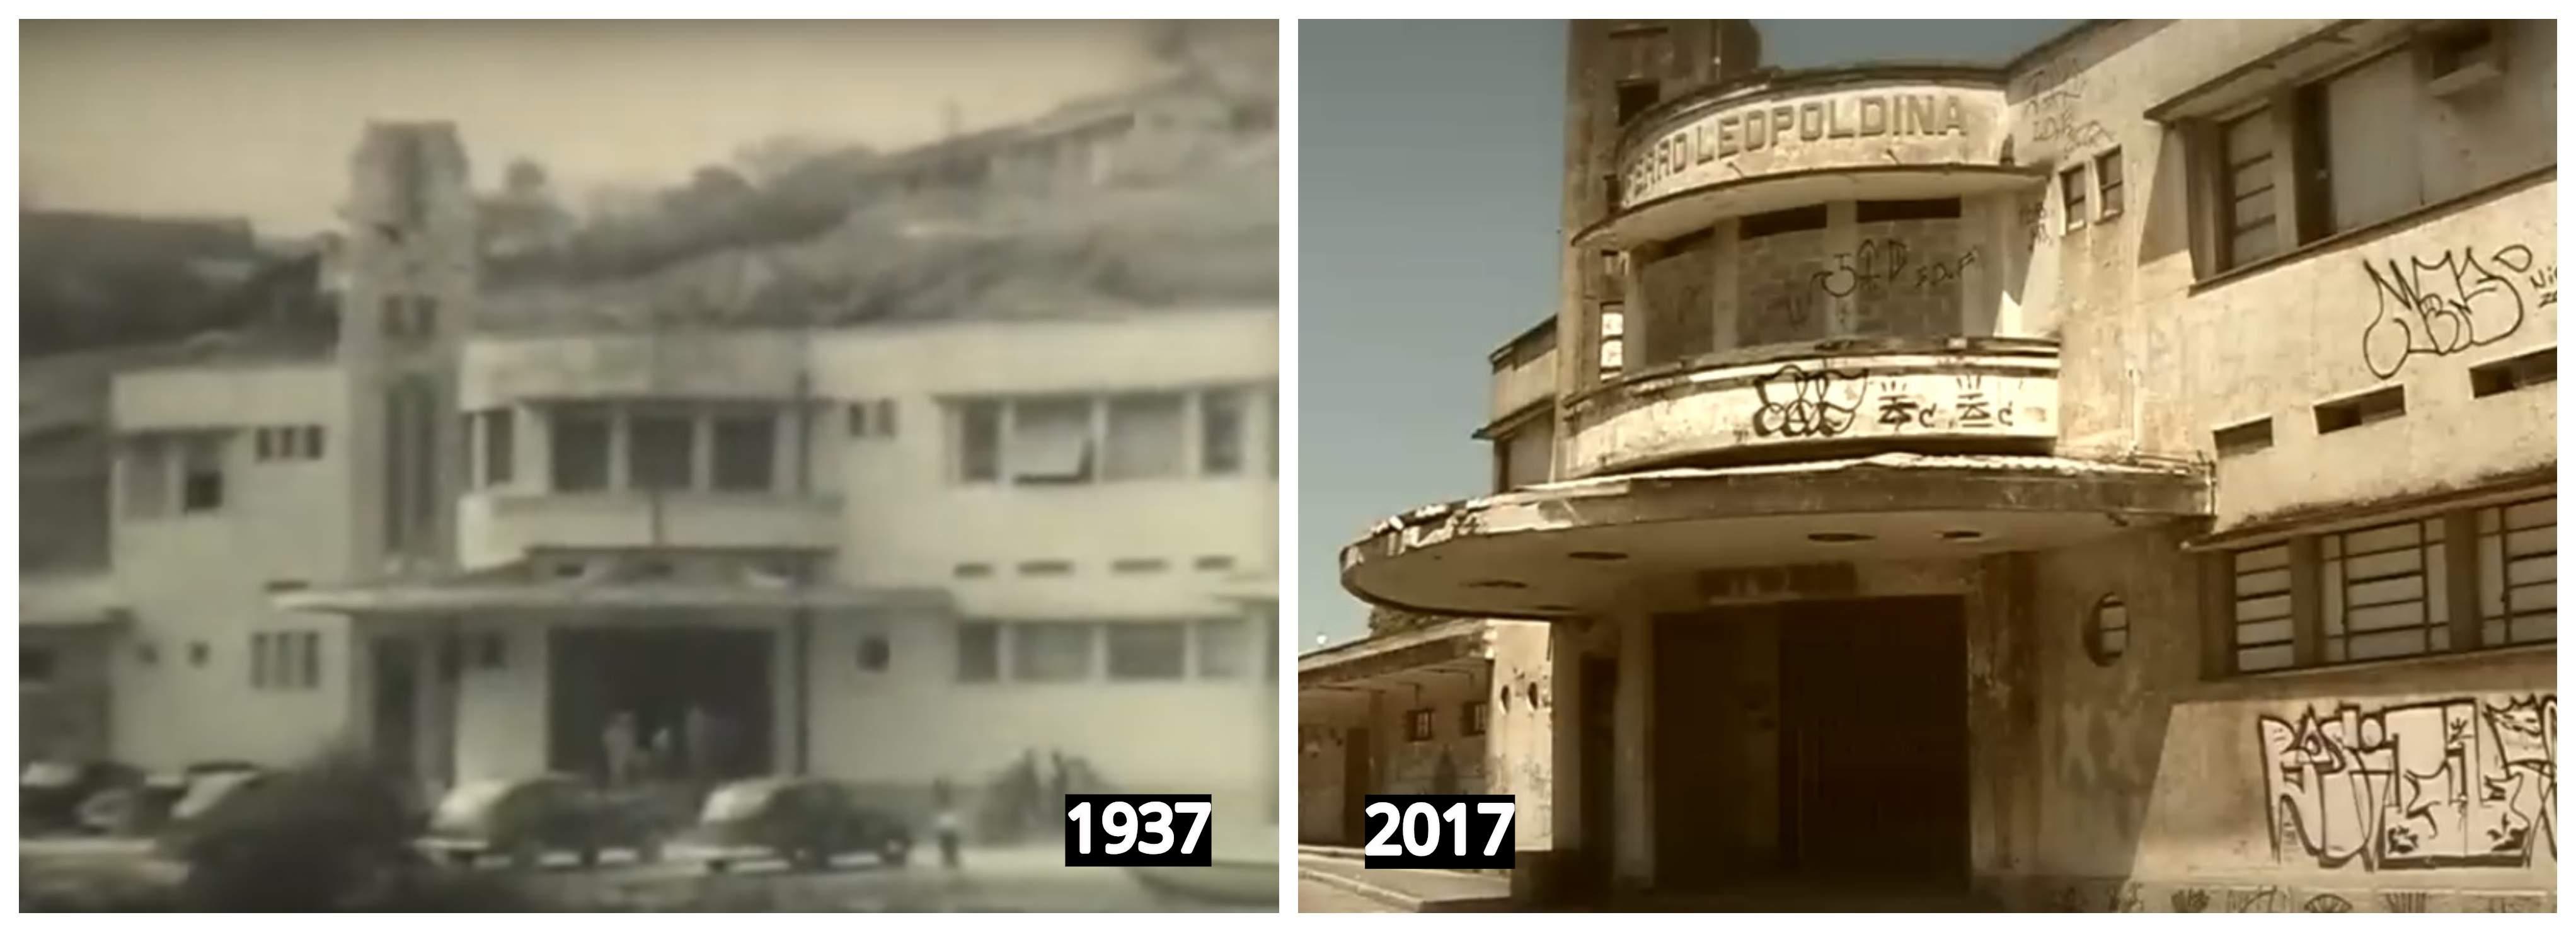 5e82b5e0 44d3 0136 7a7e 6231c35b6685  minified - Conheça a história da Estação Leopoldina, marco histórico do ES e patrimônio ferroviário